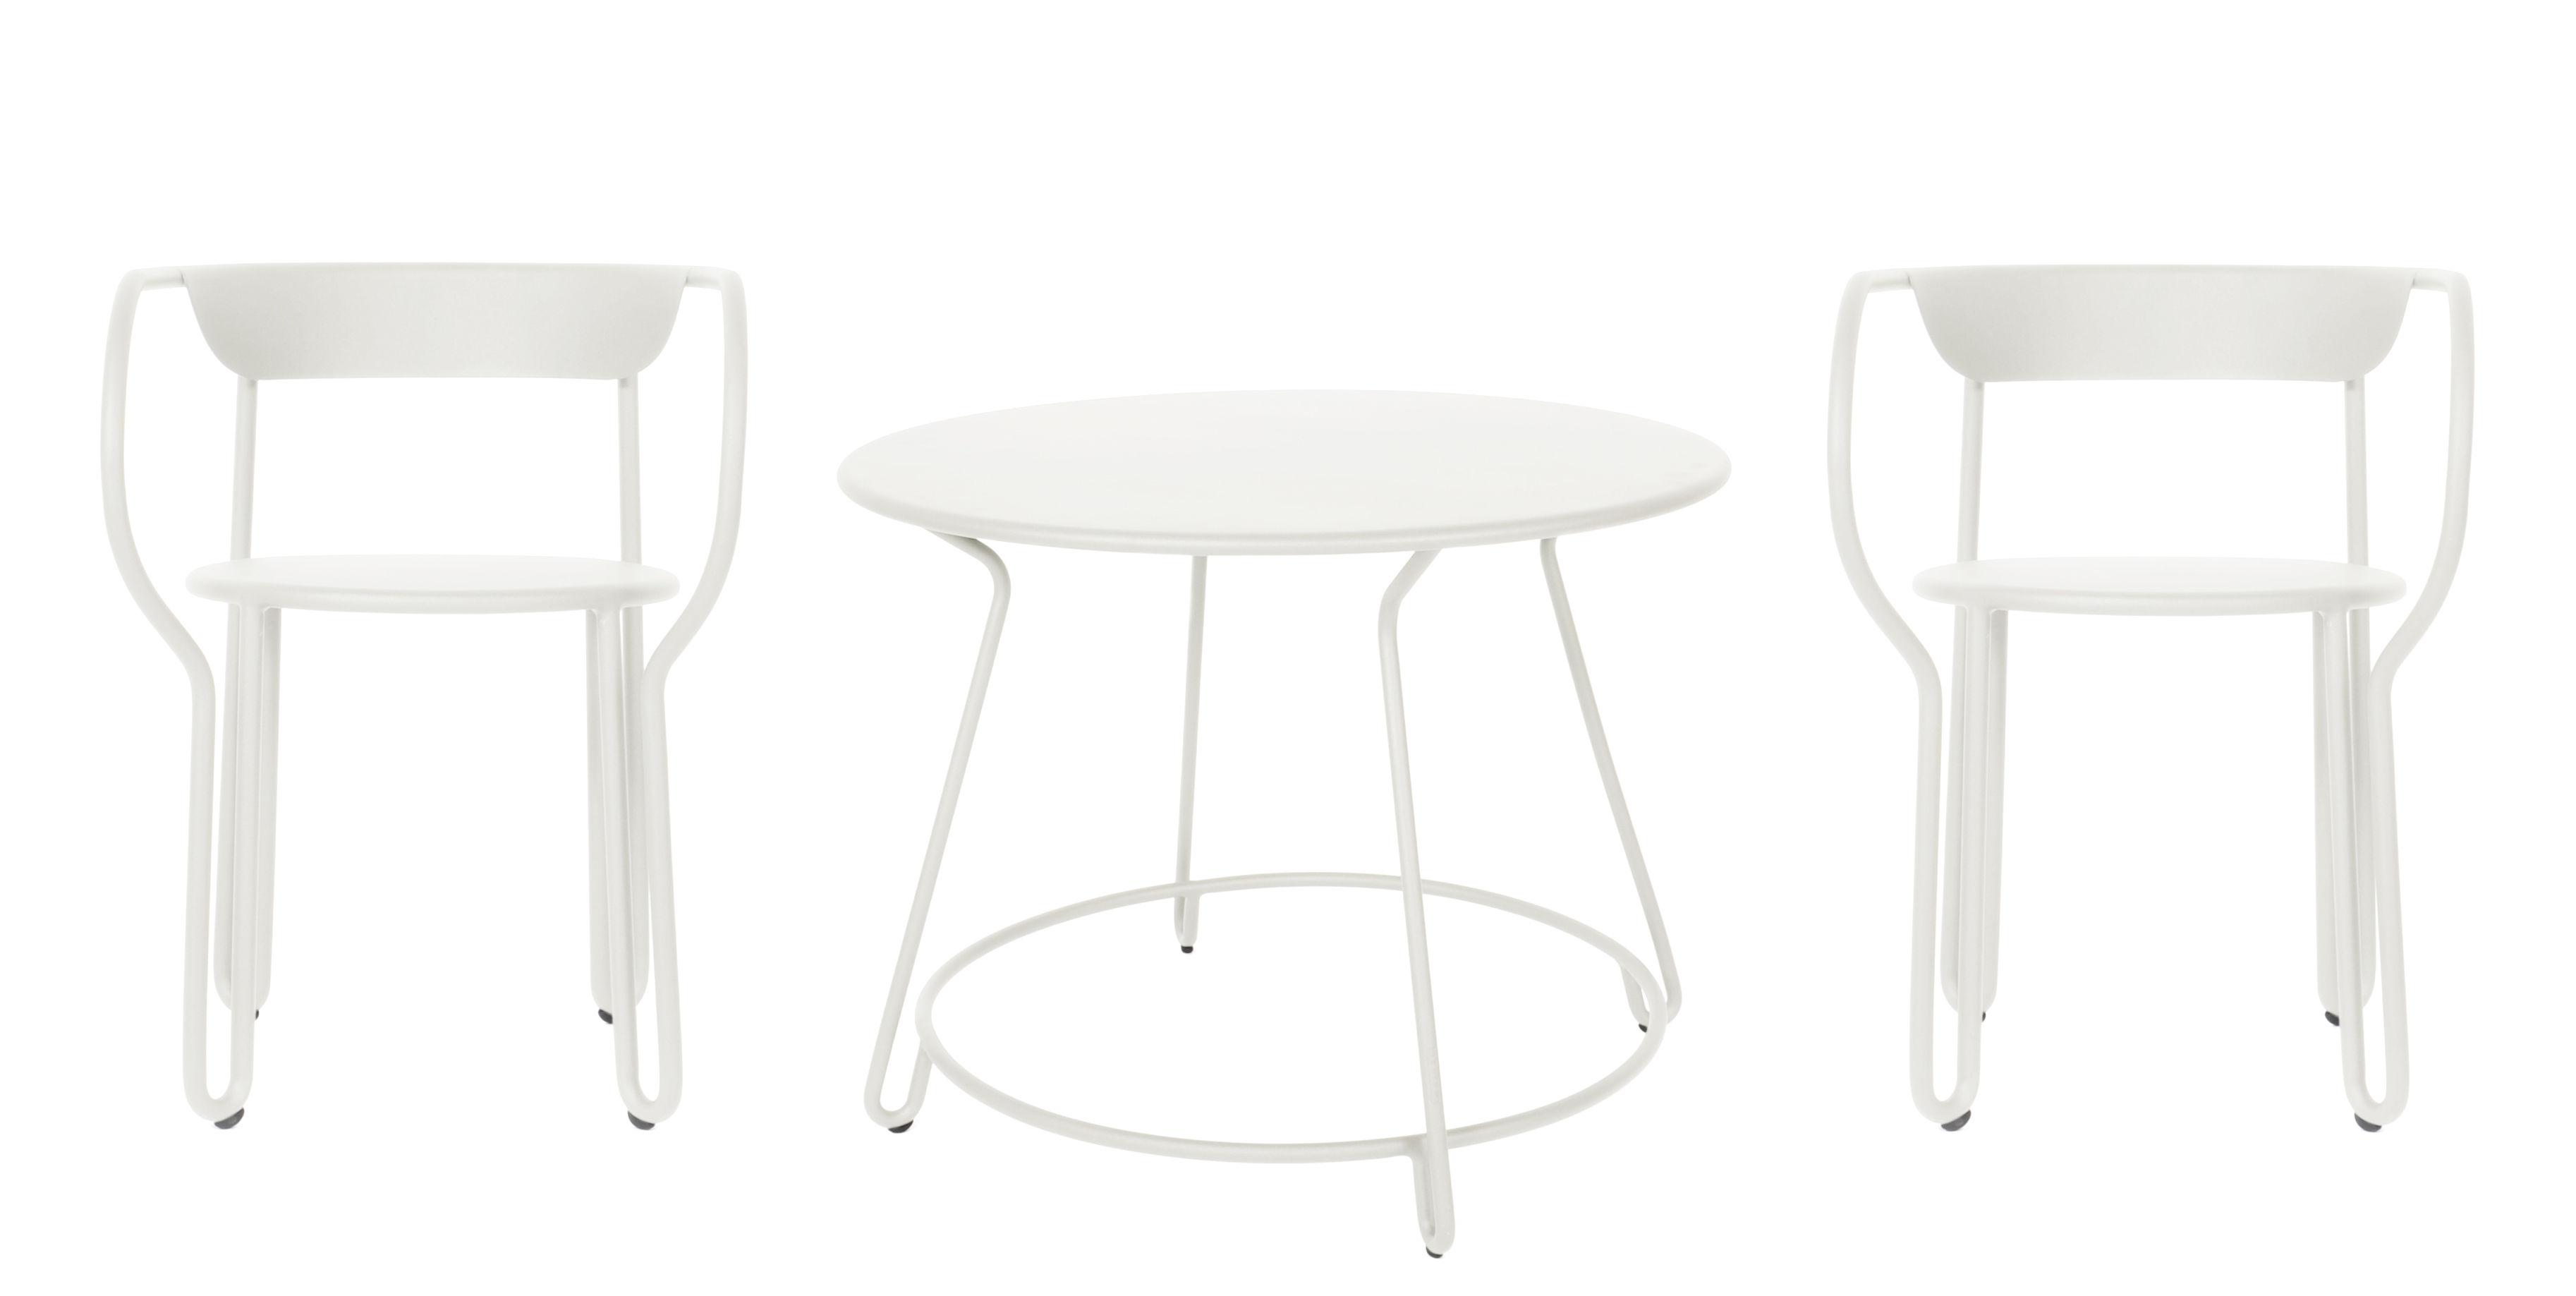 Outdoor - Tische - Huggy Tisch und Sitzgarnitur / Tisch Ø 100 cm + 2 Sessel - Maiori - Weiß - bemaltes Aluminium